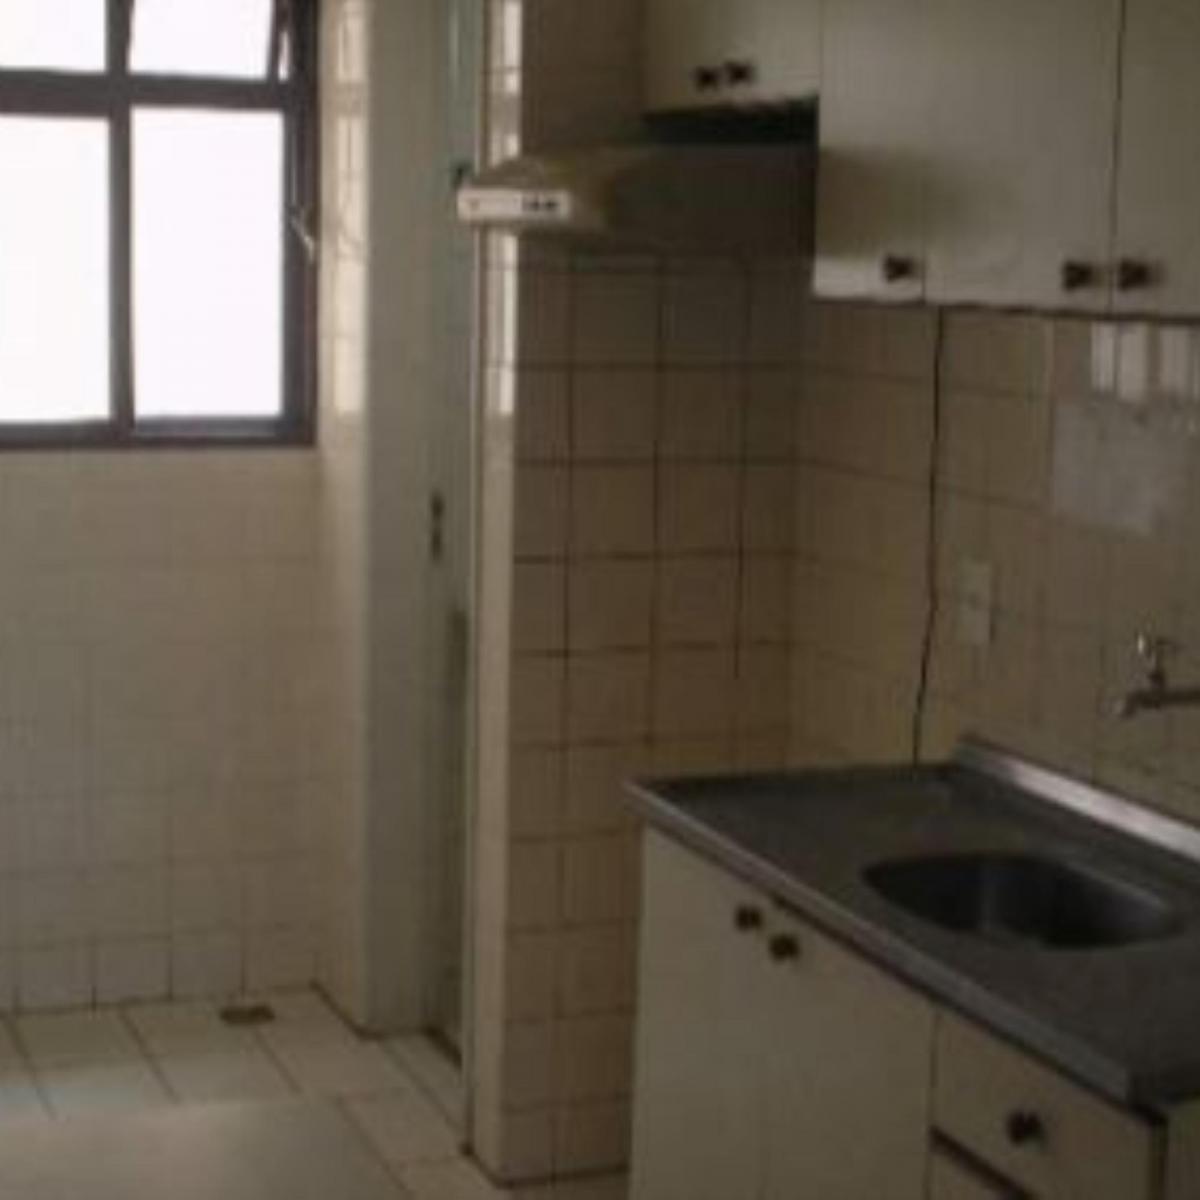 Imagens de #814A5C Apartamento para aluguel com 2 Quartos Sudoeste Brasília R$ 1.700  1200x1200 px 3440 Bloco Cad Armario Banheiro